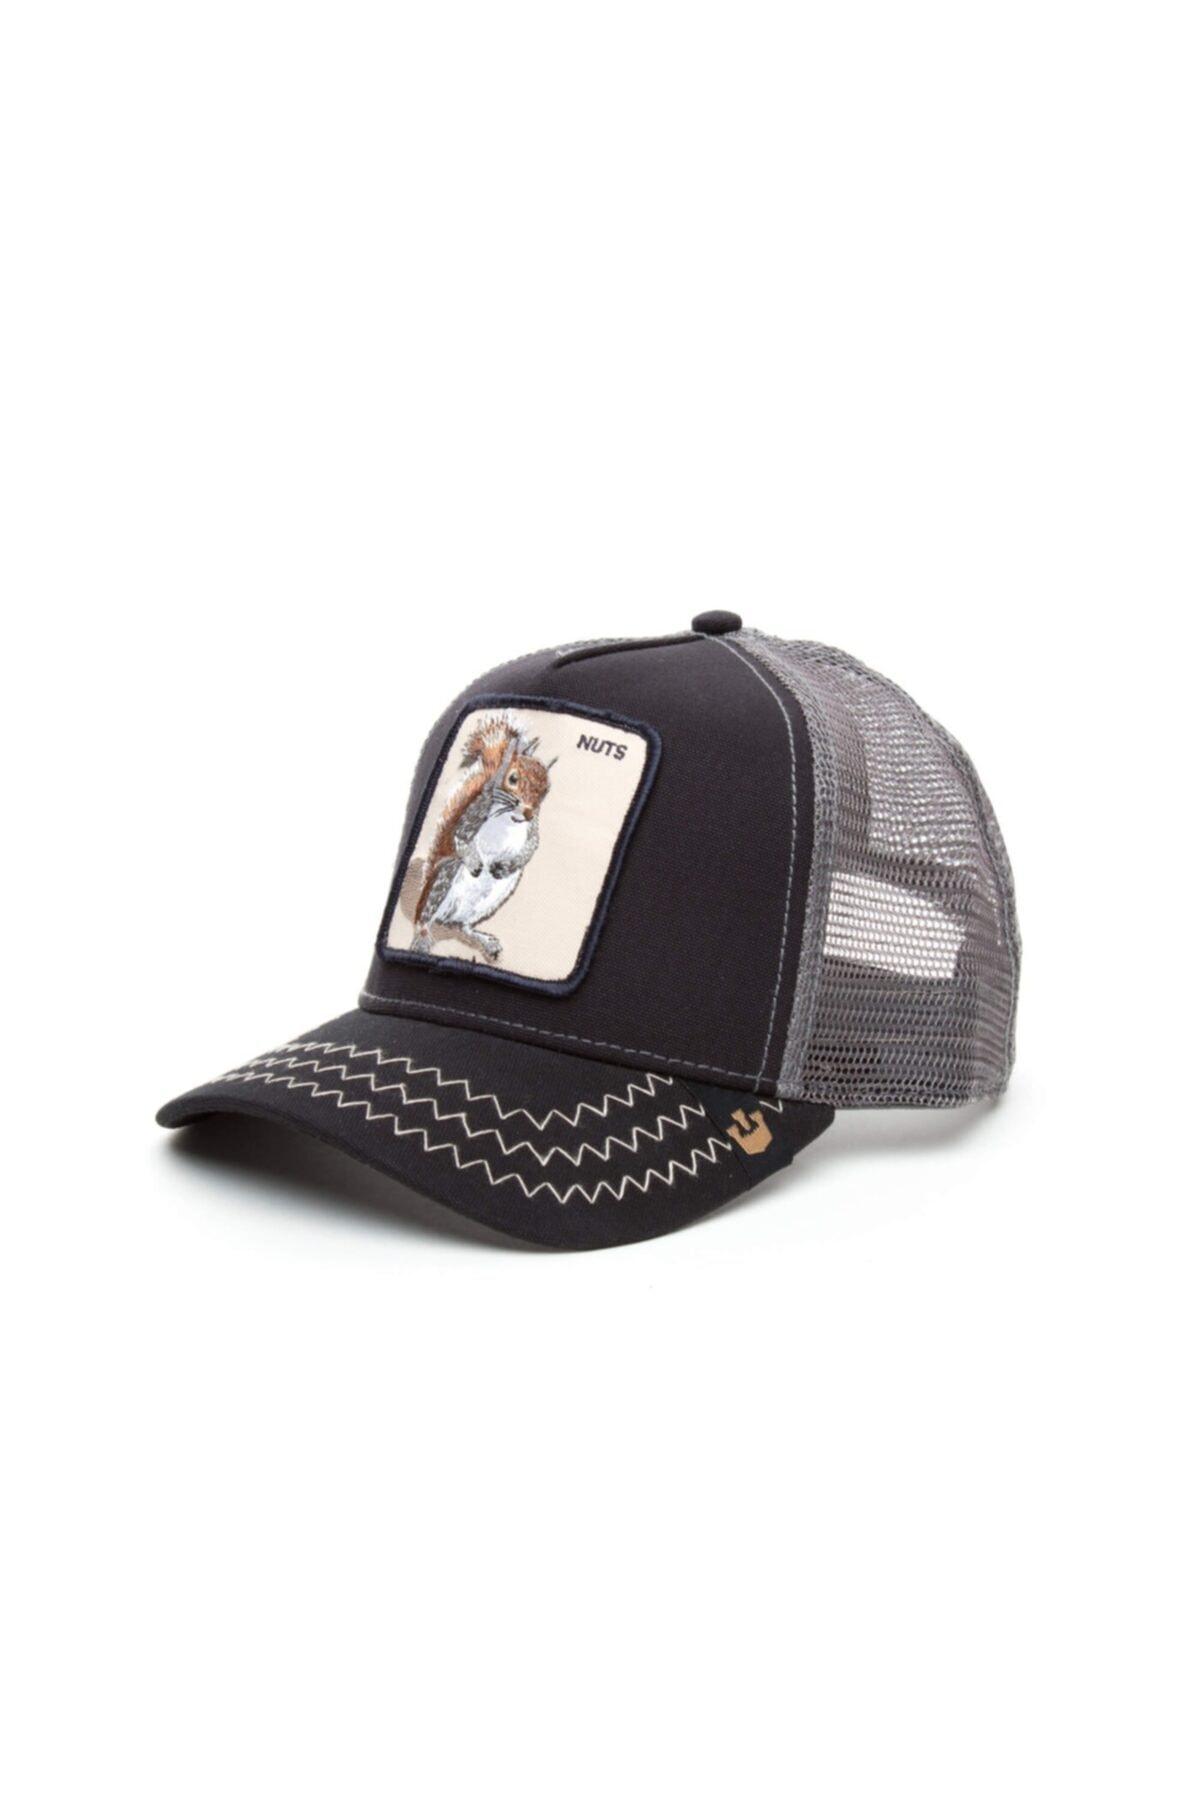 Goorin Bros Unisex Lacivert Squirrel Master Standart Şapka 101-5152 1